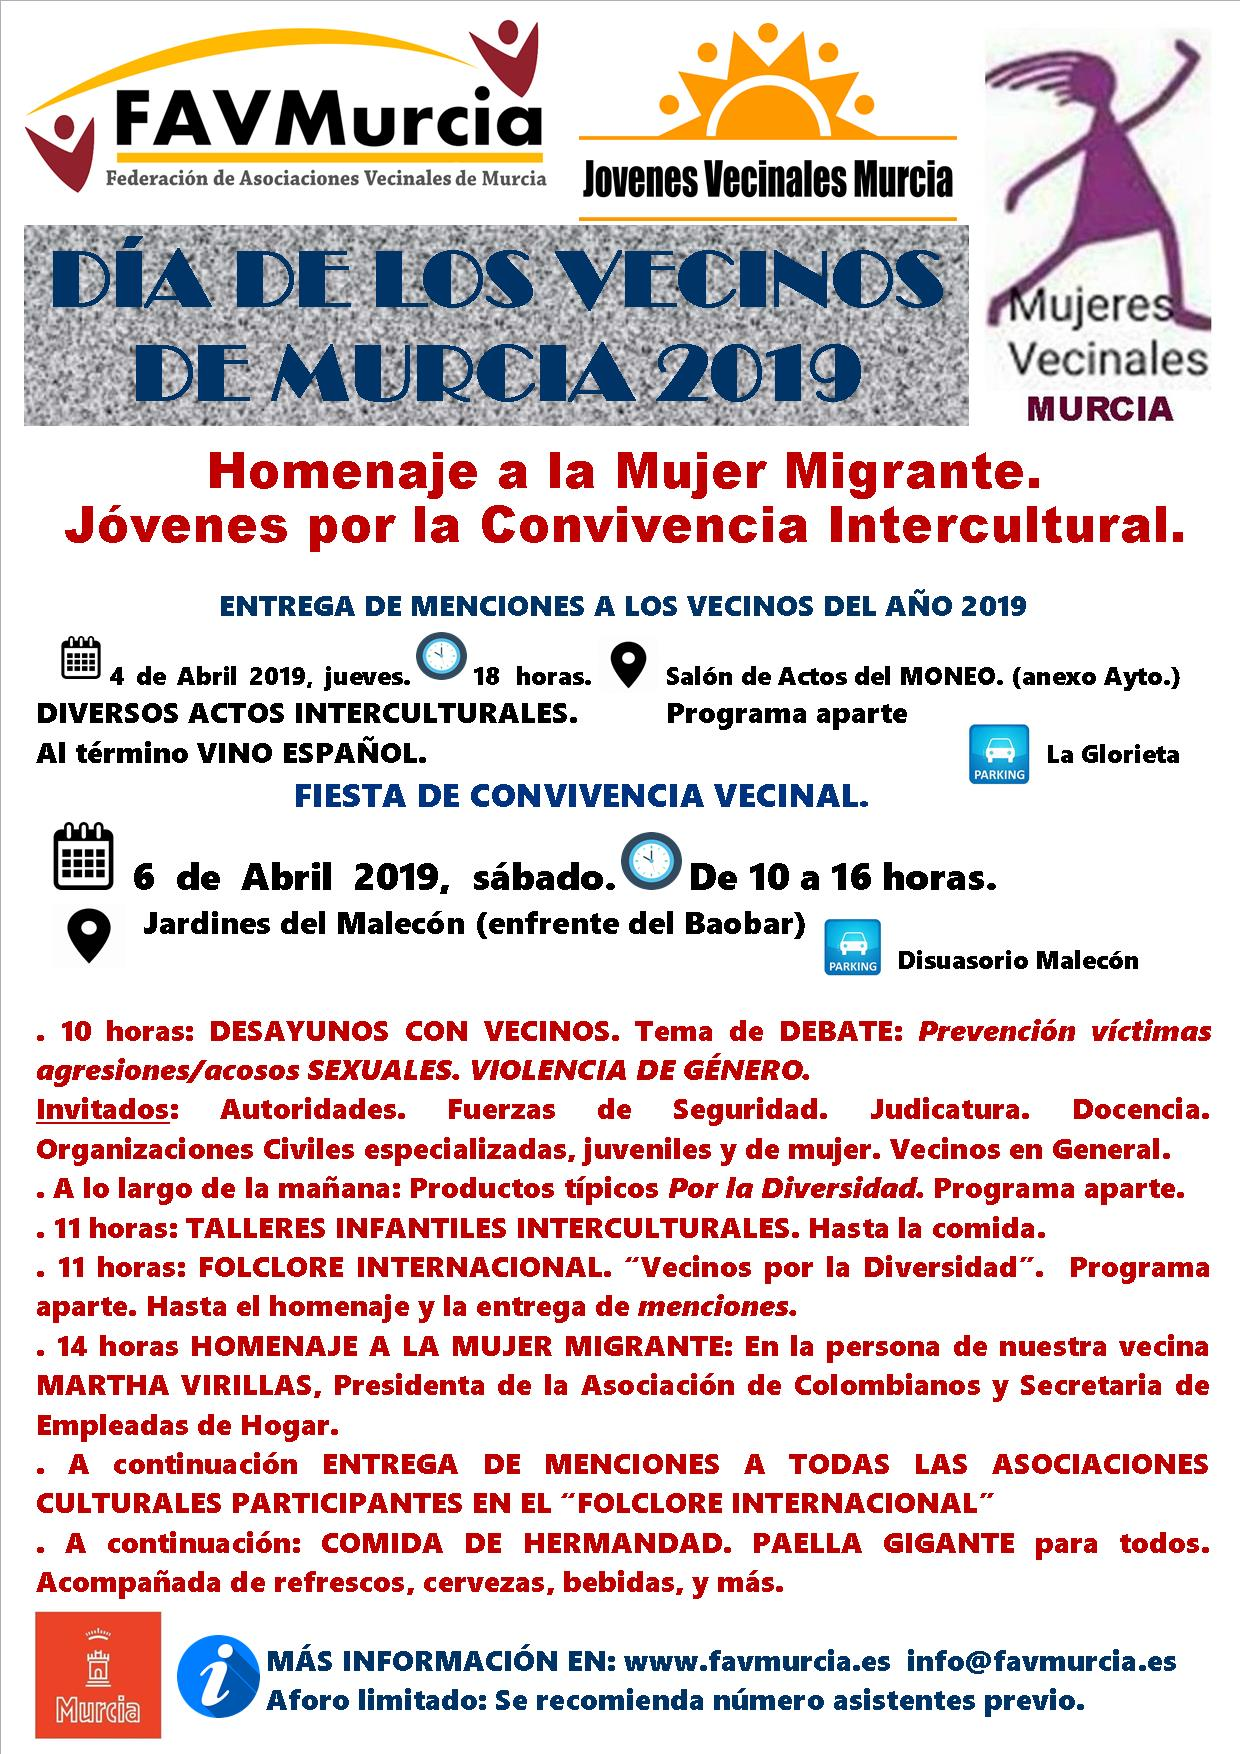 Celebración Días de Los Vecinos de Murcia 2019